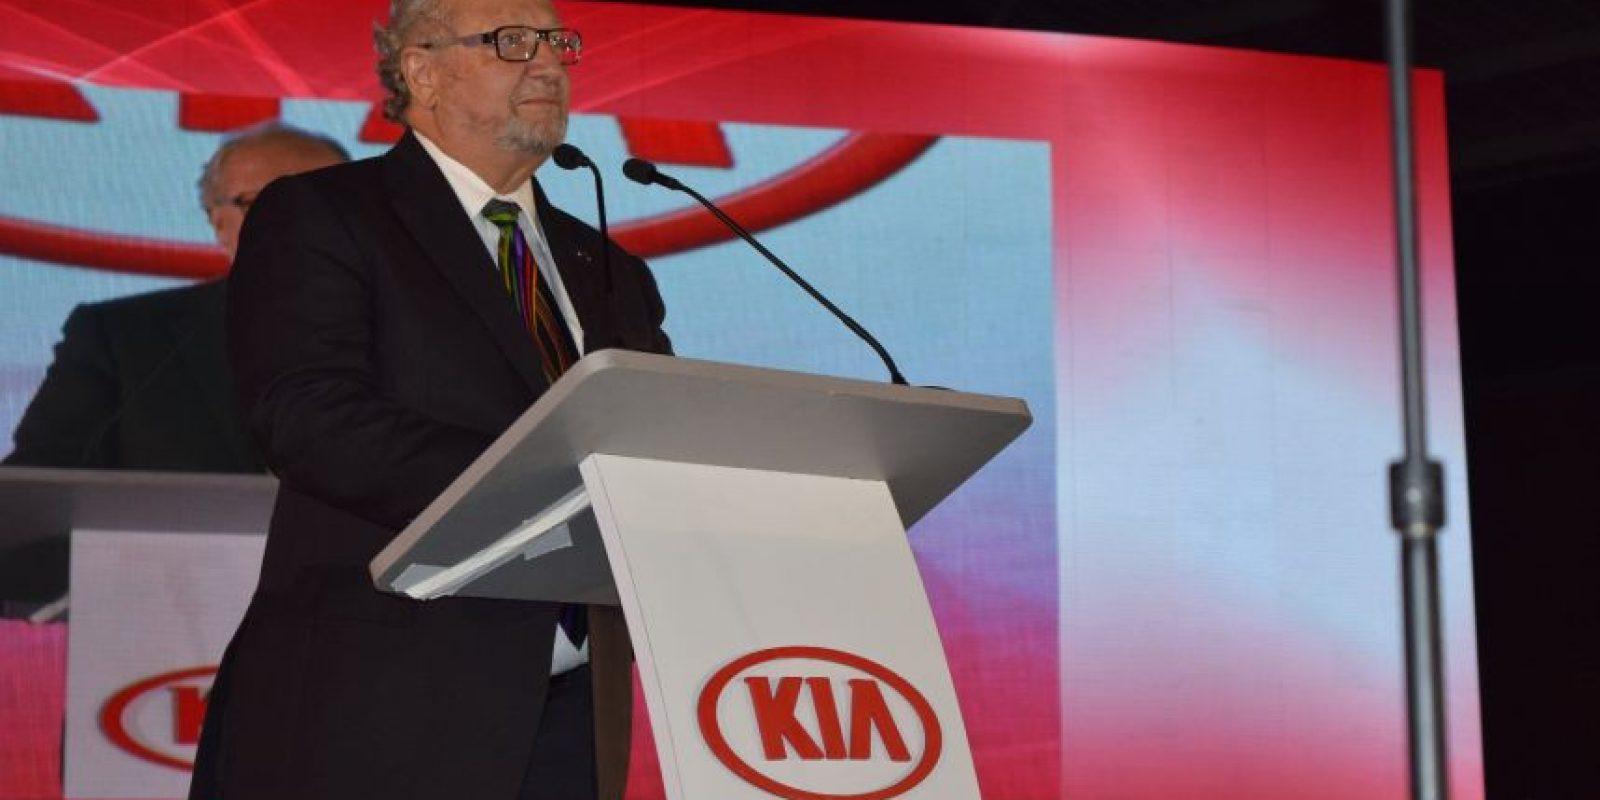 Alberto López de Nava, presidente de la Asociación de Distribuidores KIA Foto:Cecilia Arce